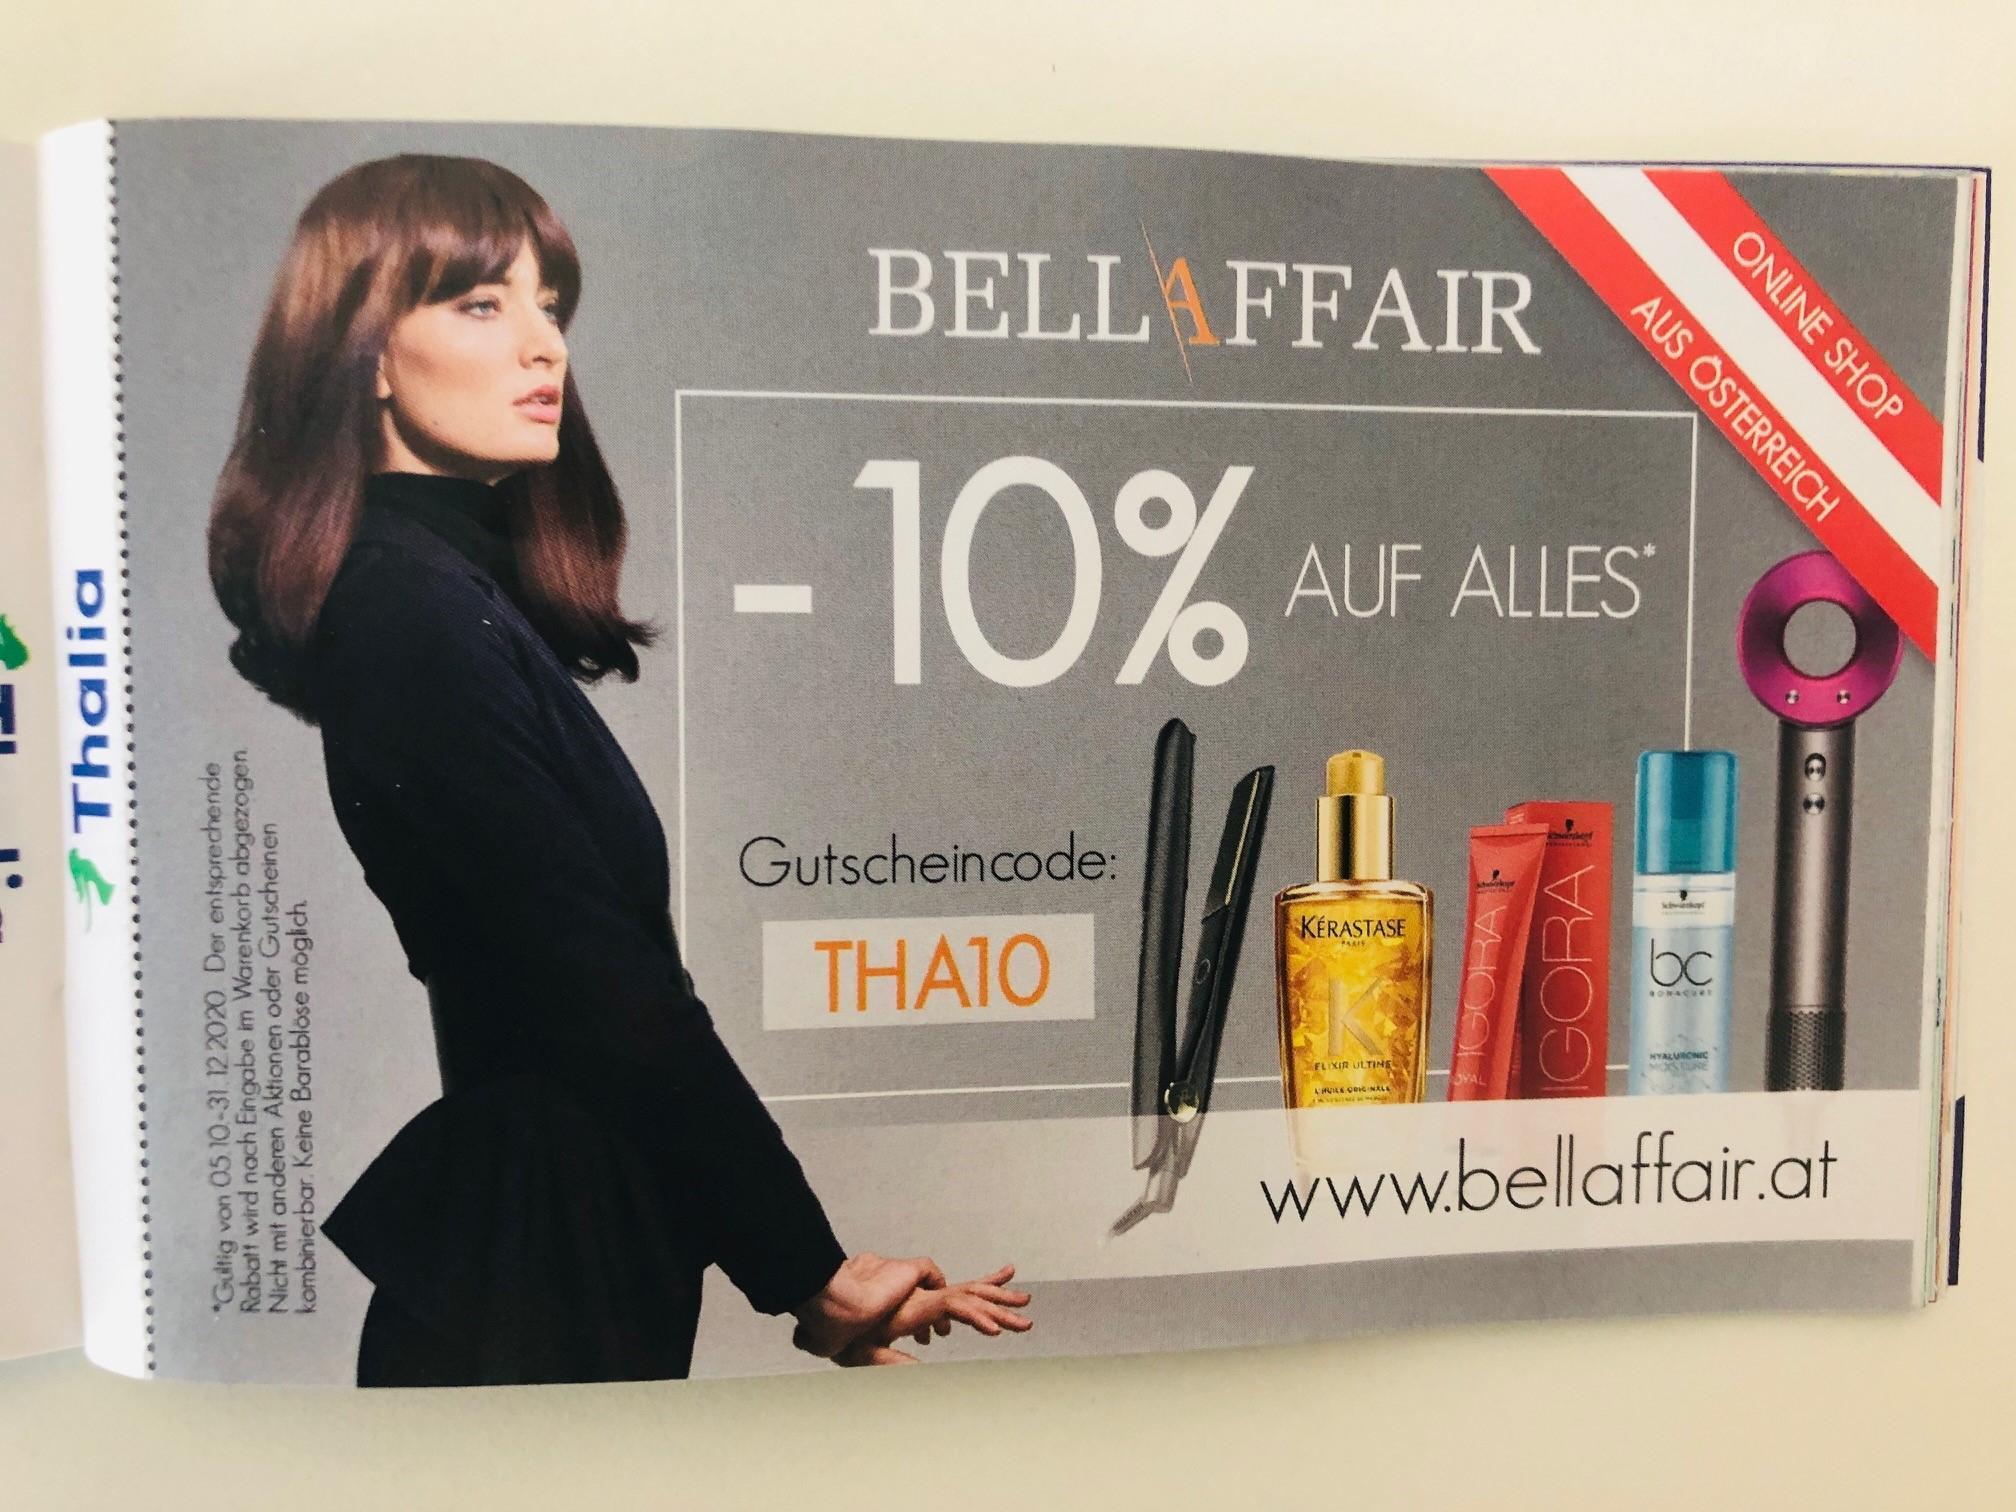 -10% bei BellAffair